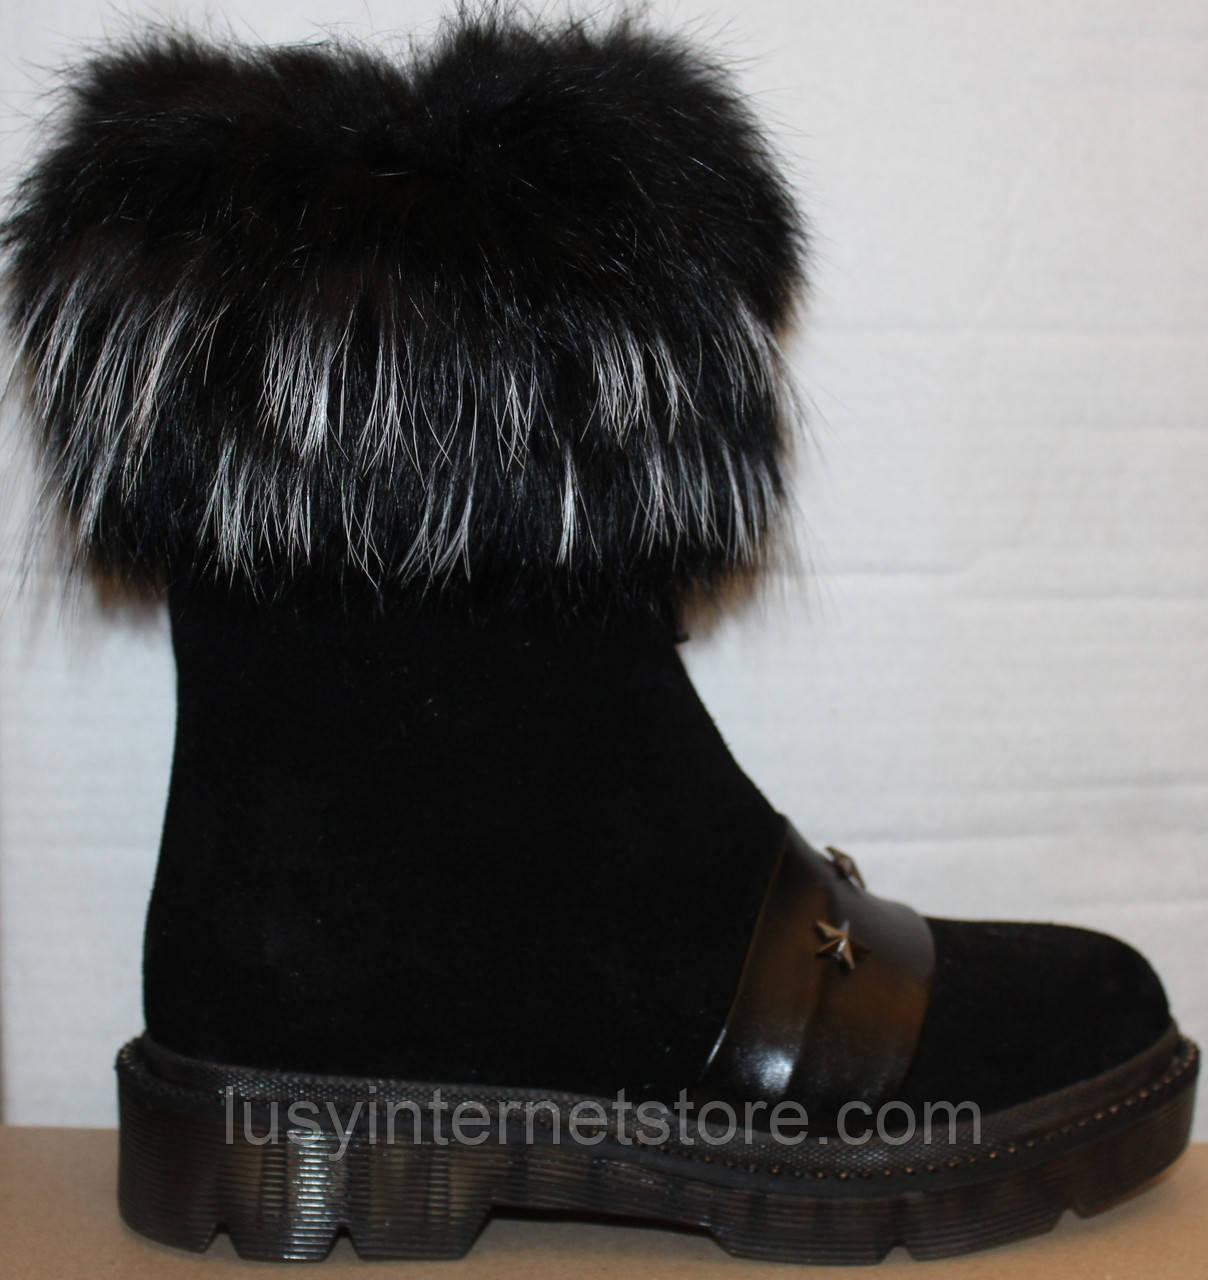 Ботинки молодежные женские с натуральным мехом от производителя модель УН504